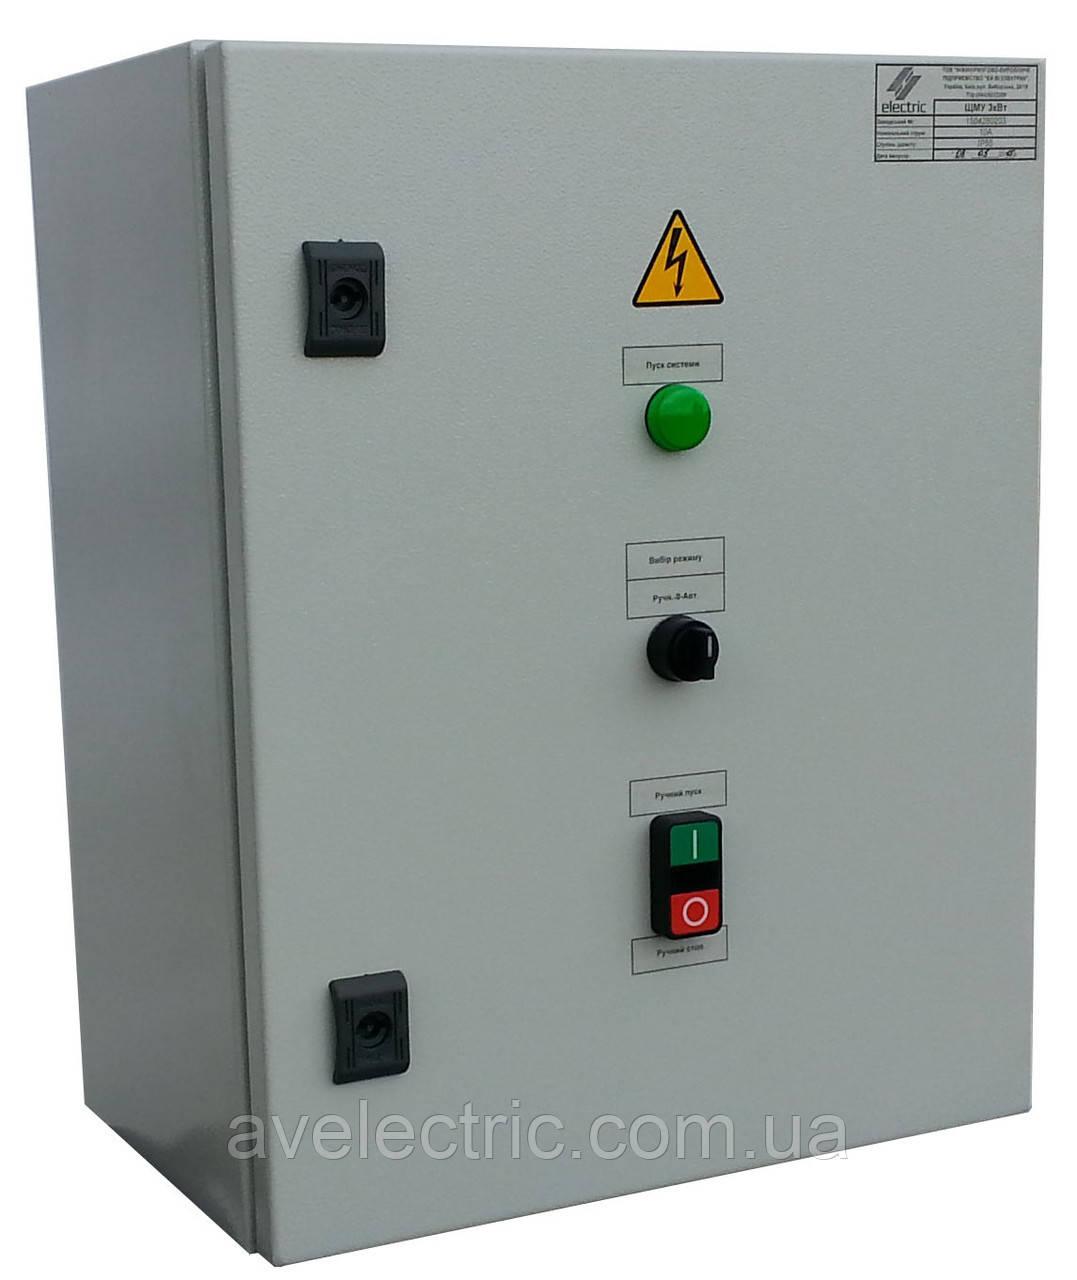 Ящик управления электродвигателем Я5111-2074-54У3